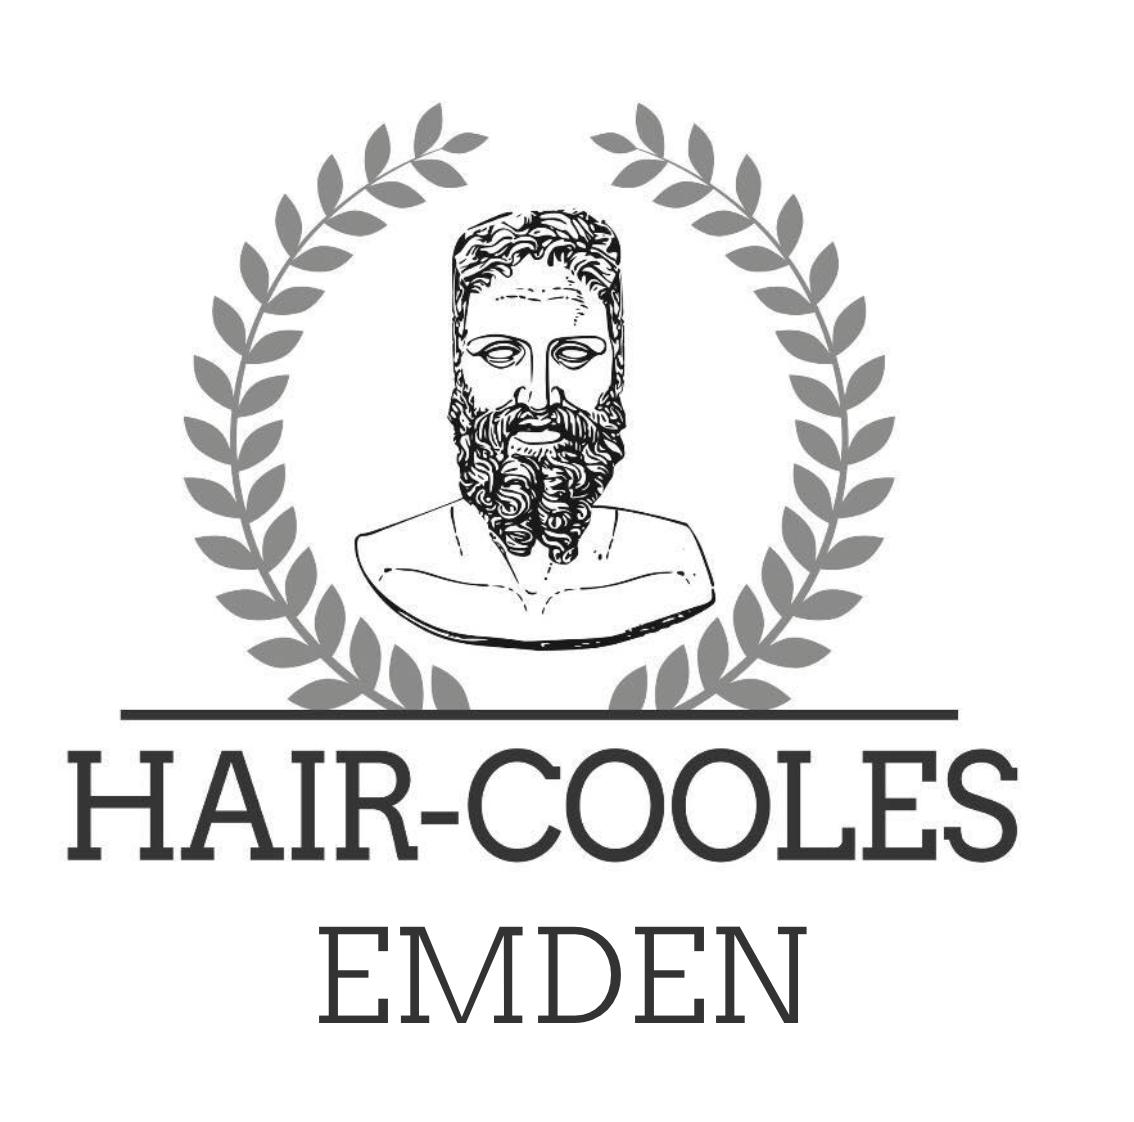 Friseur Hair-Cooles Logo Emden